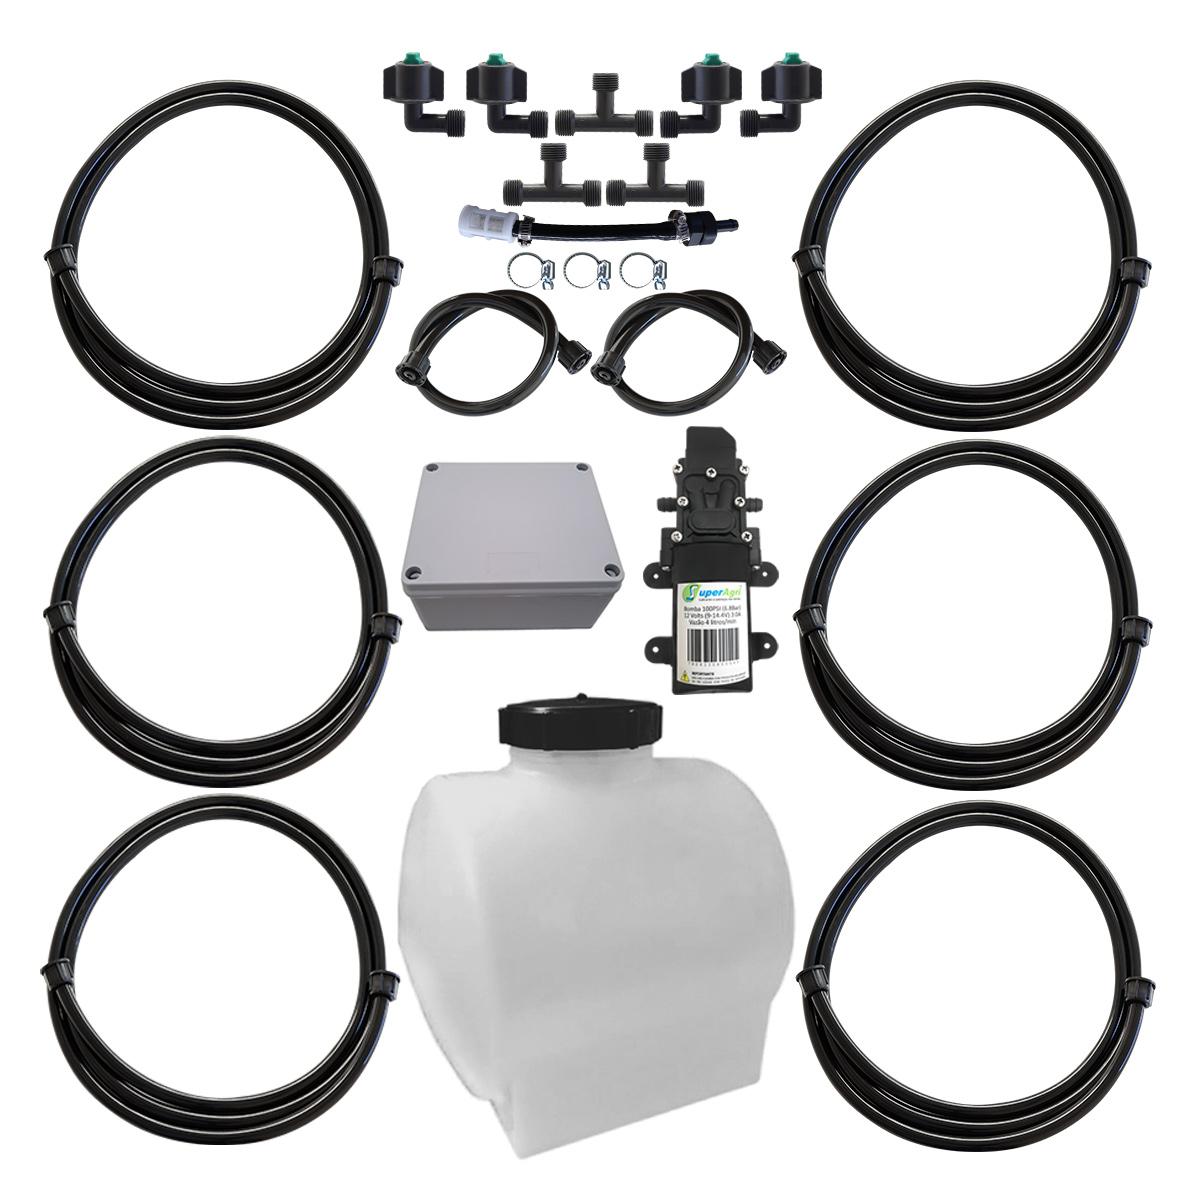 Kit Para Aplicação De Inoculante 4 Bicos Tanque 50 Litros